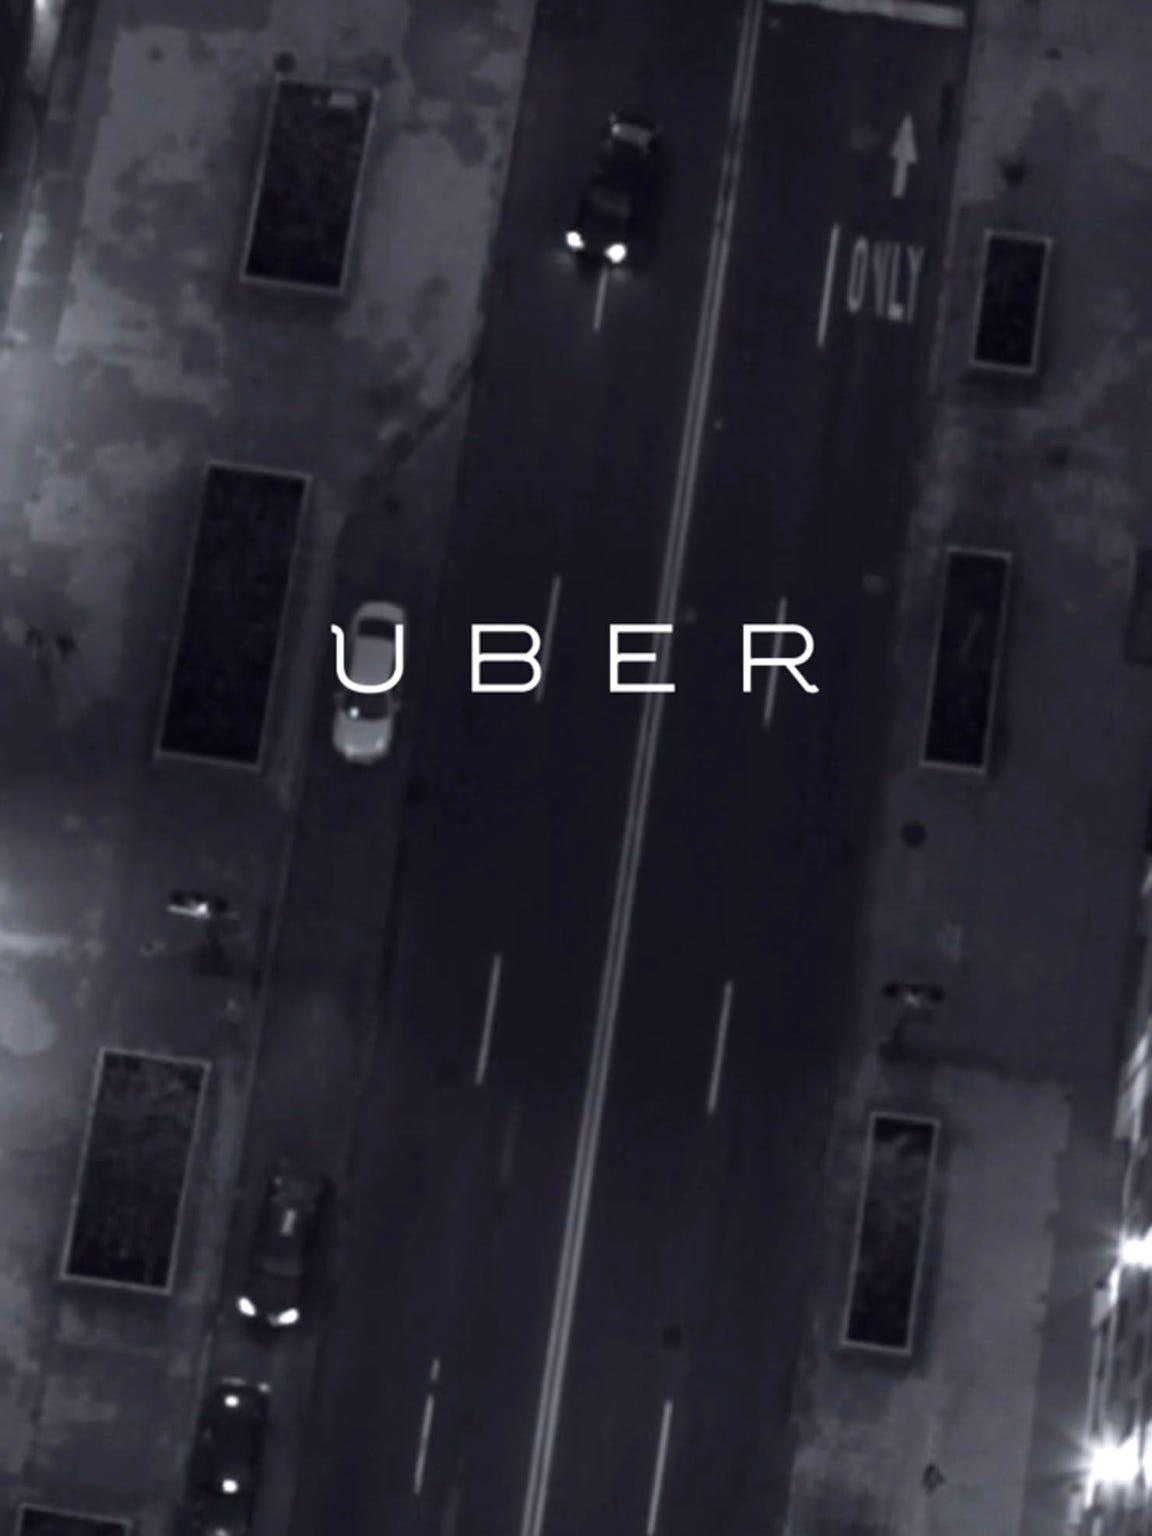 Uber_bb_1.jpg